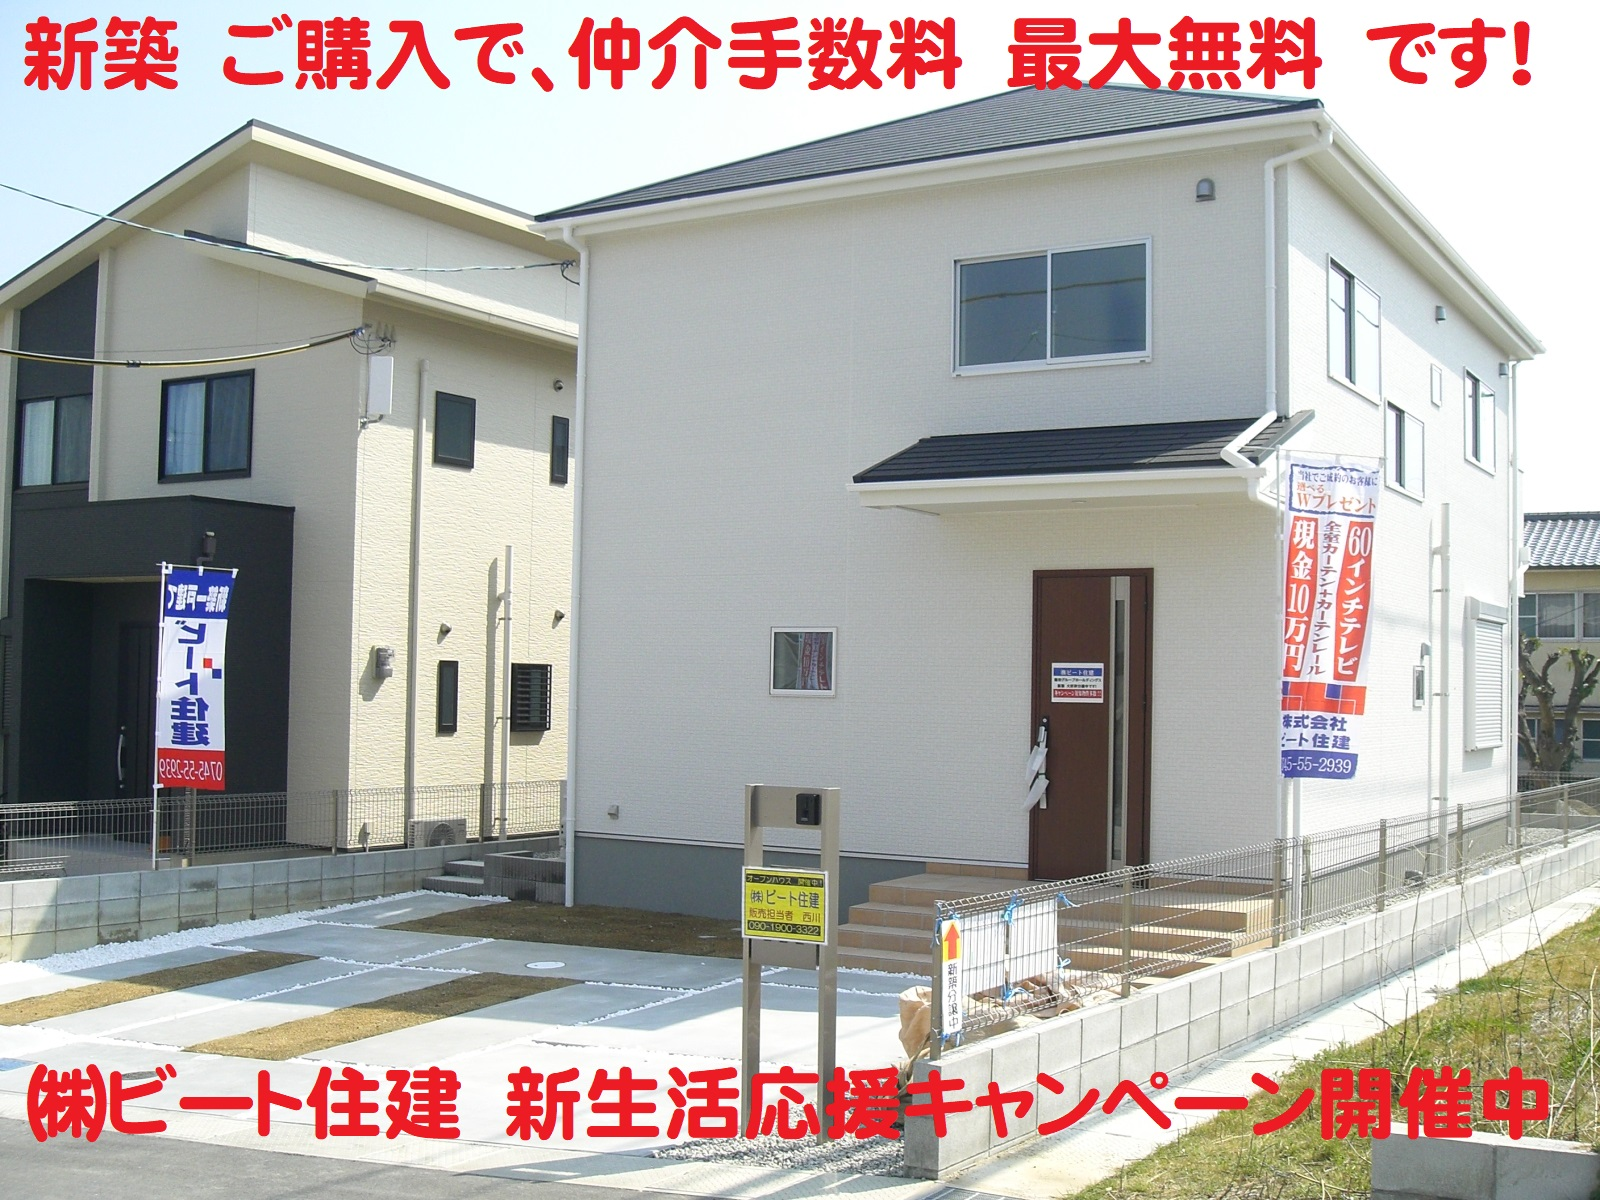 広陵町 三吉 新築 限定1棟 建物 高級仕様 飯田グループ 一建設